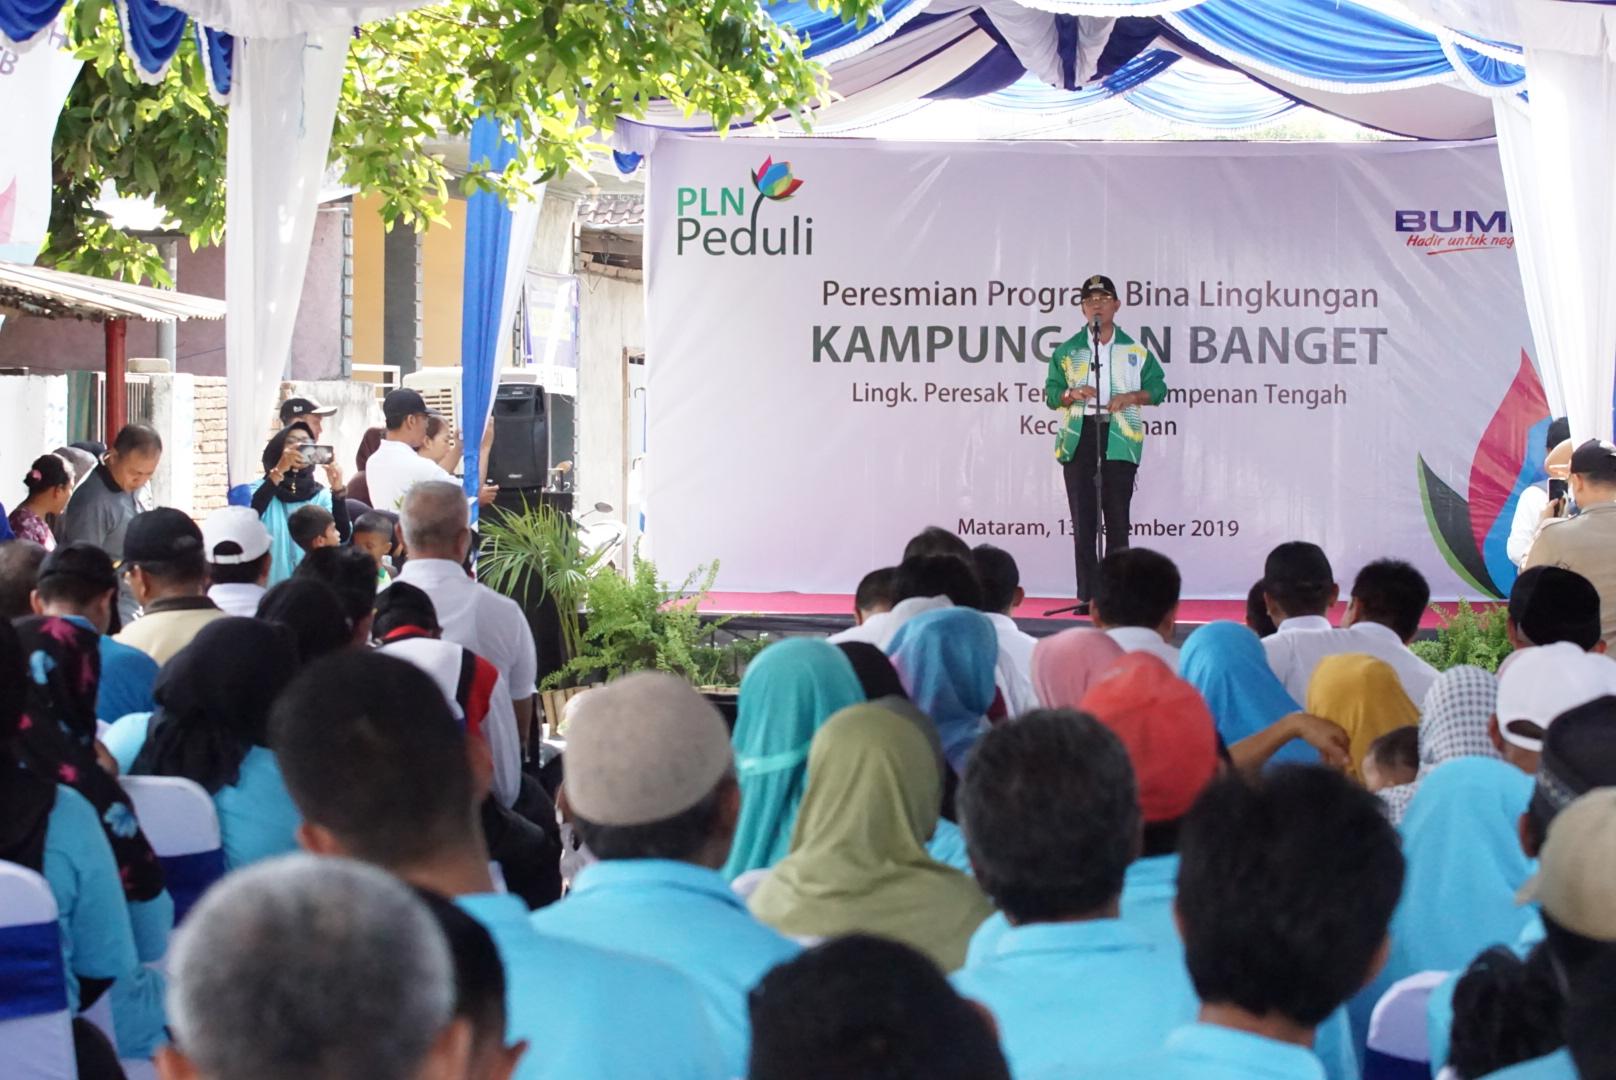 Peresmian Program Bina Lingkungan Kampung PLN Banget